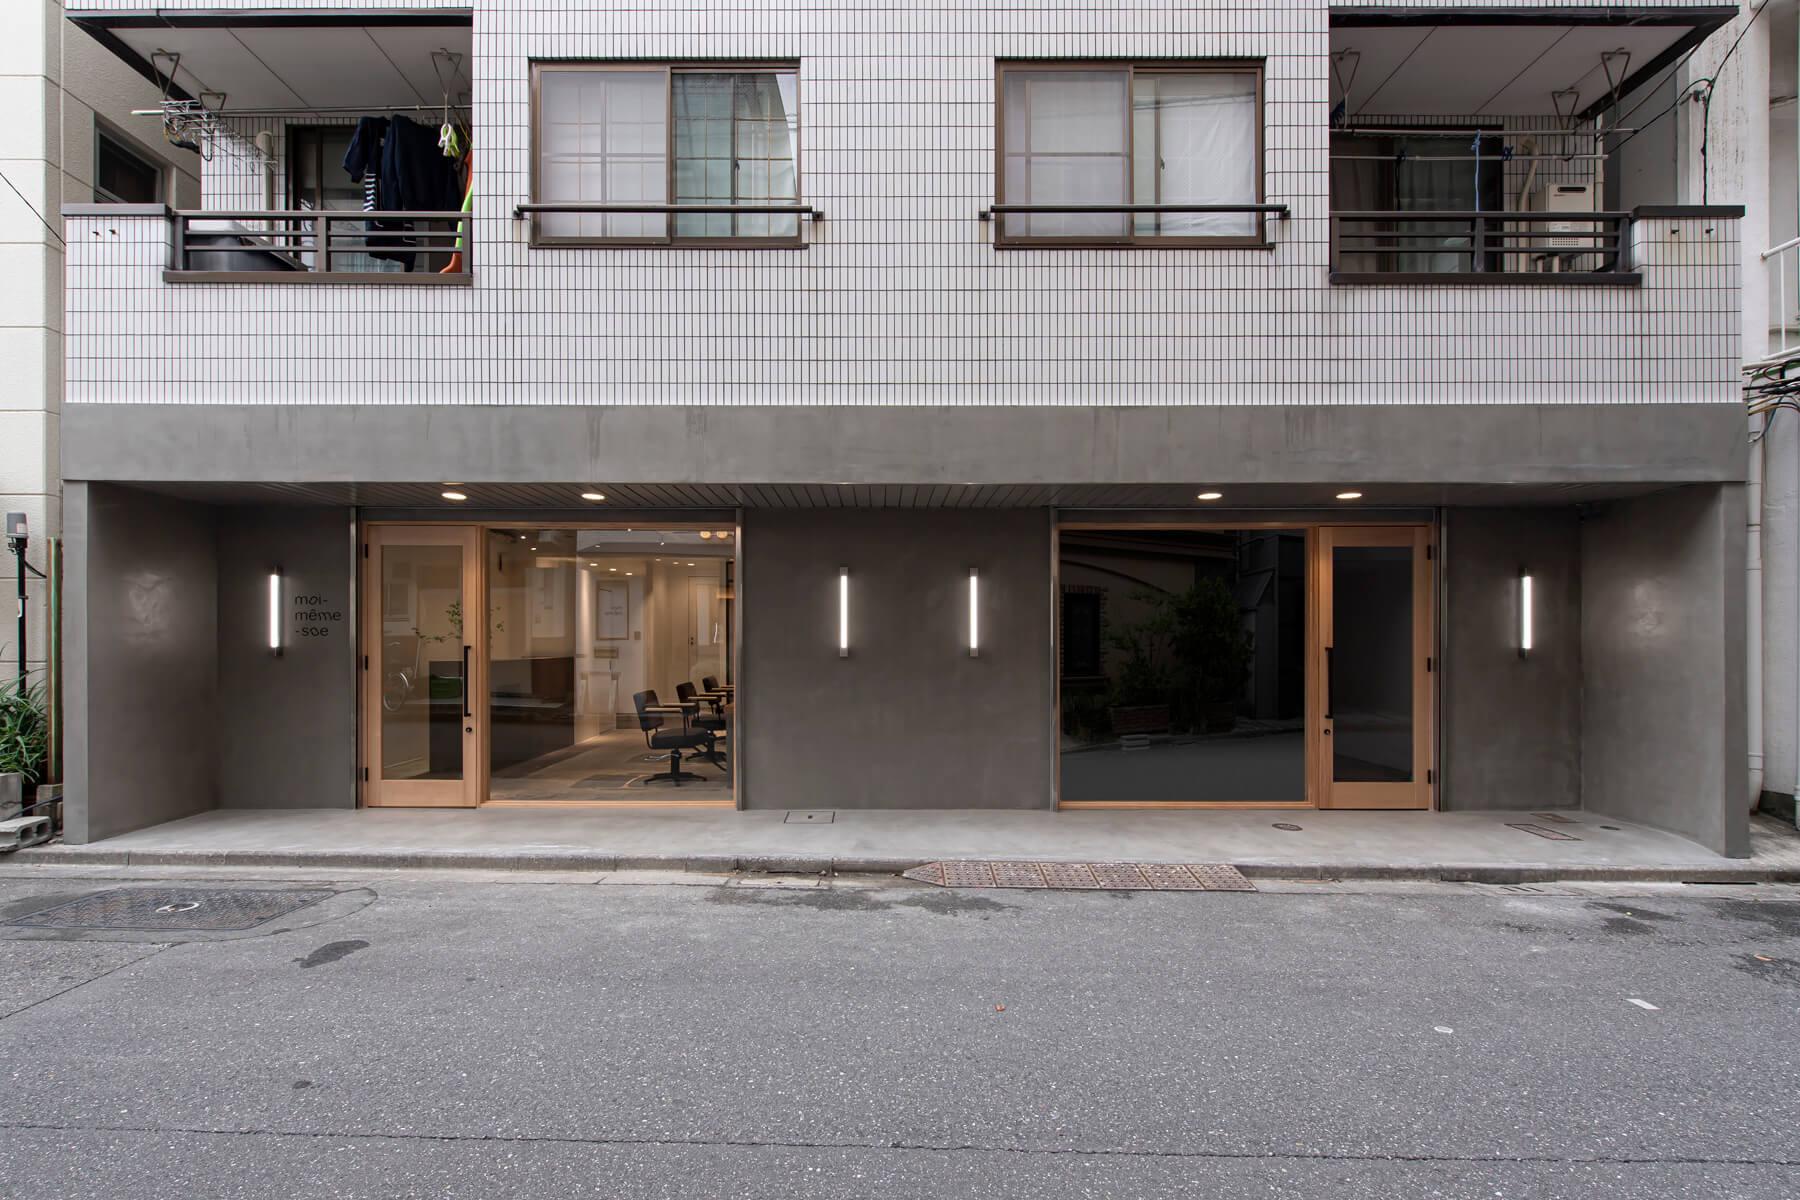 moi-meme-soe/Tokyo